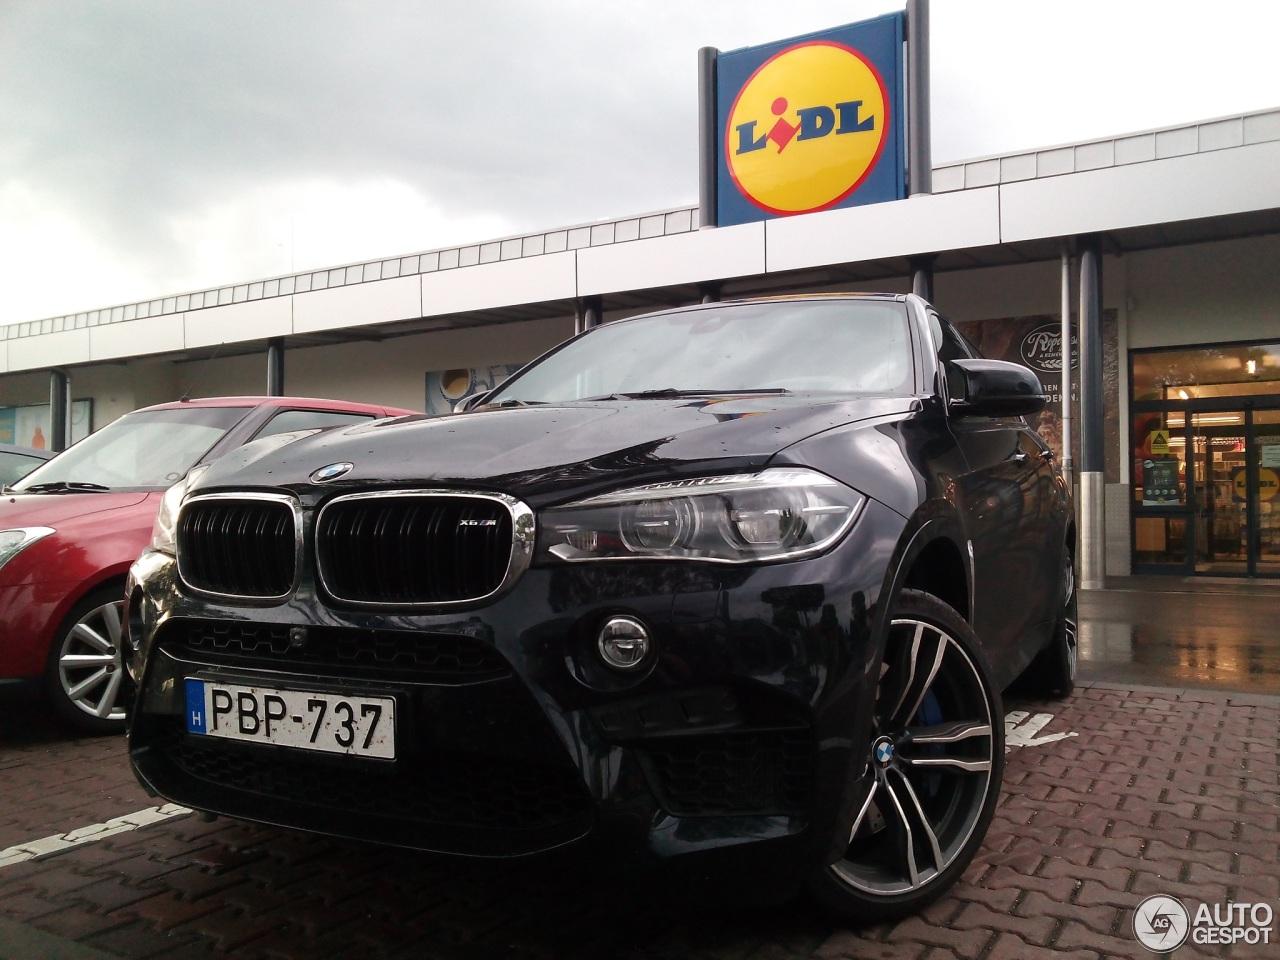 BMW X6 M II (F86) 2014 - now SUV 5 door #1